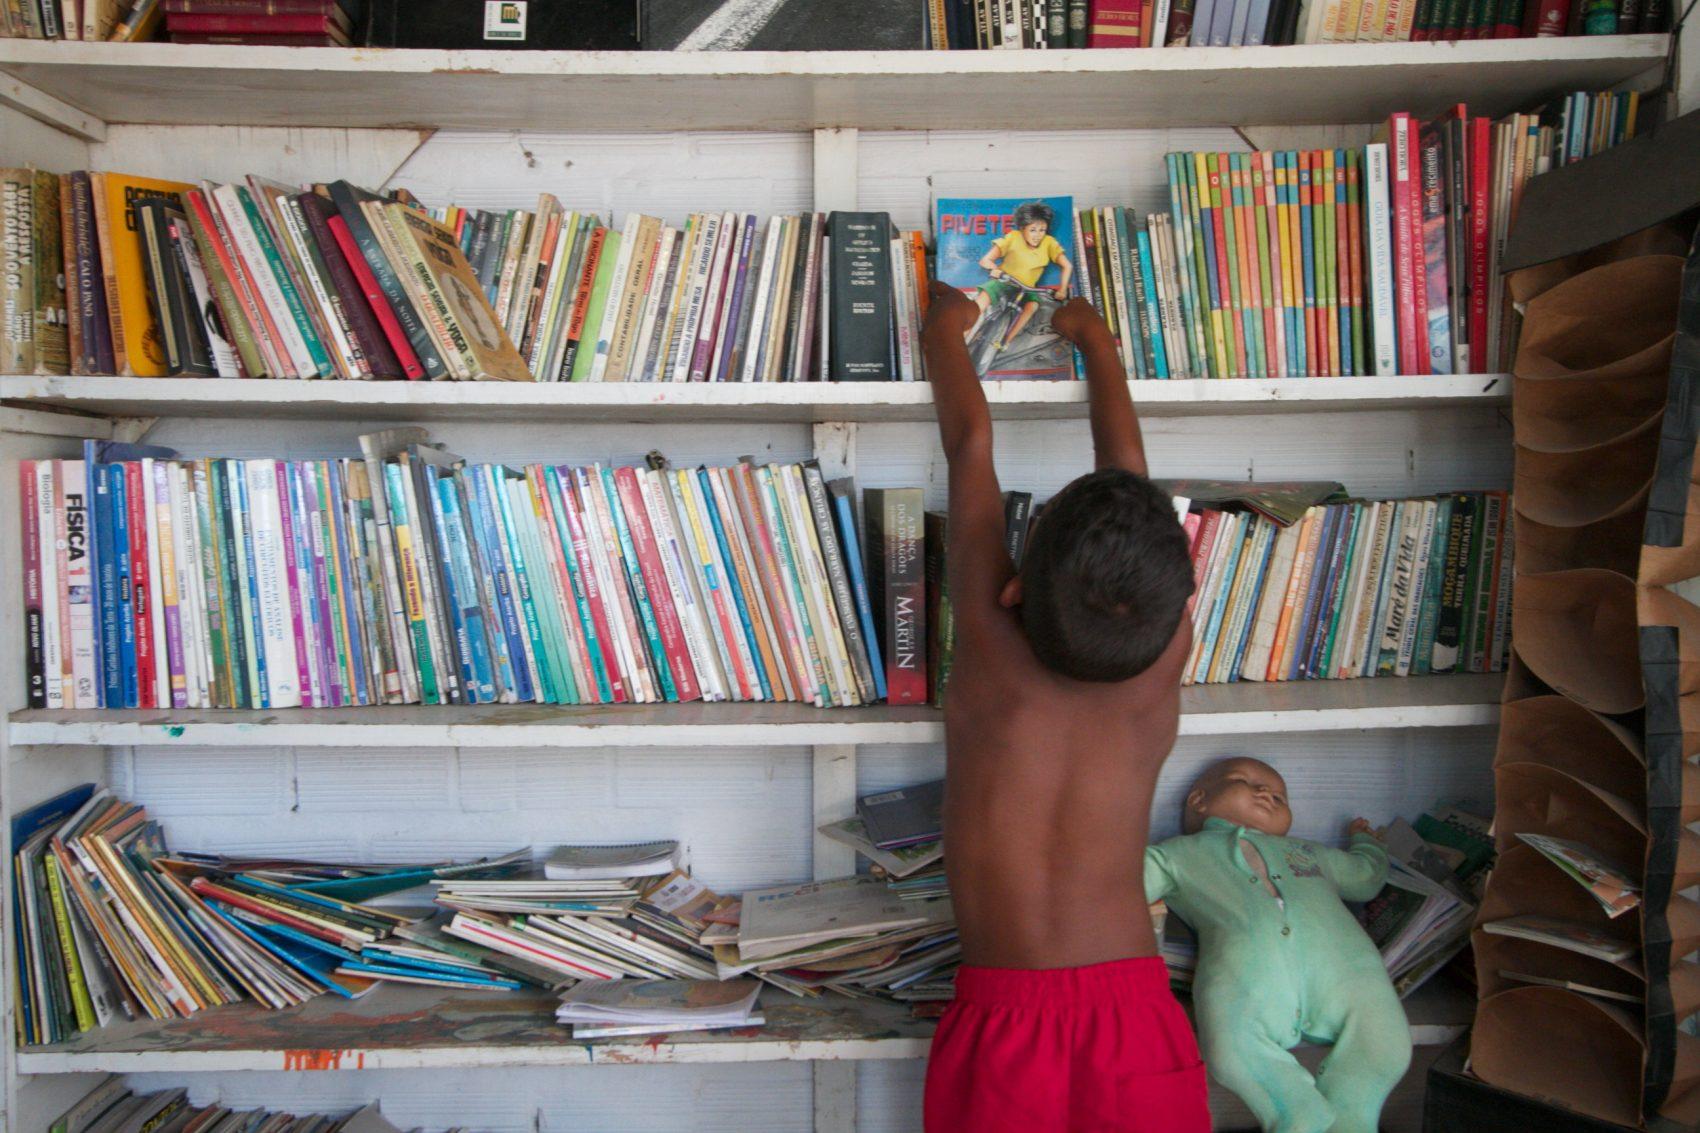 Os esforços que foram feitos nos últimos 25 anos para a formação de leitores em um país onde se lê muito pouco estão sendo jogados fora, diz José Castilho Marques Neto, consultor para as área de livro, bibliotecas e formação de leitores